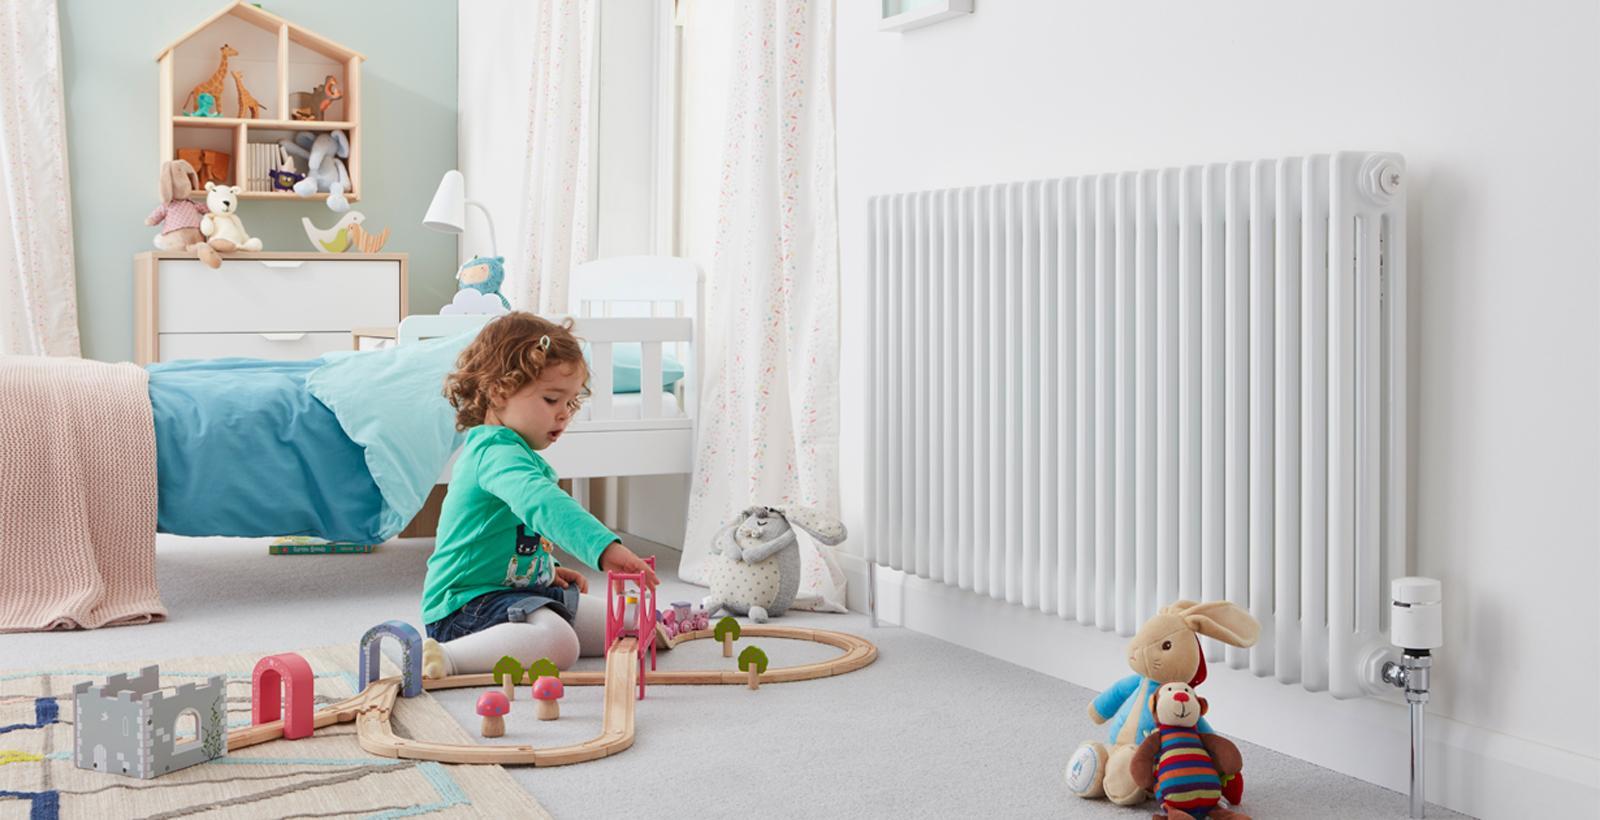 Heat The Nursery